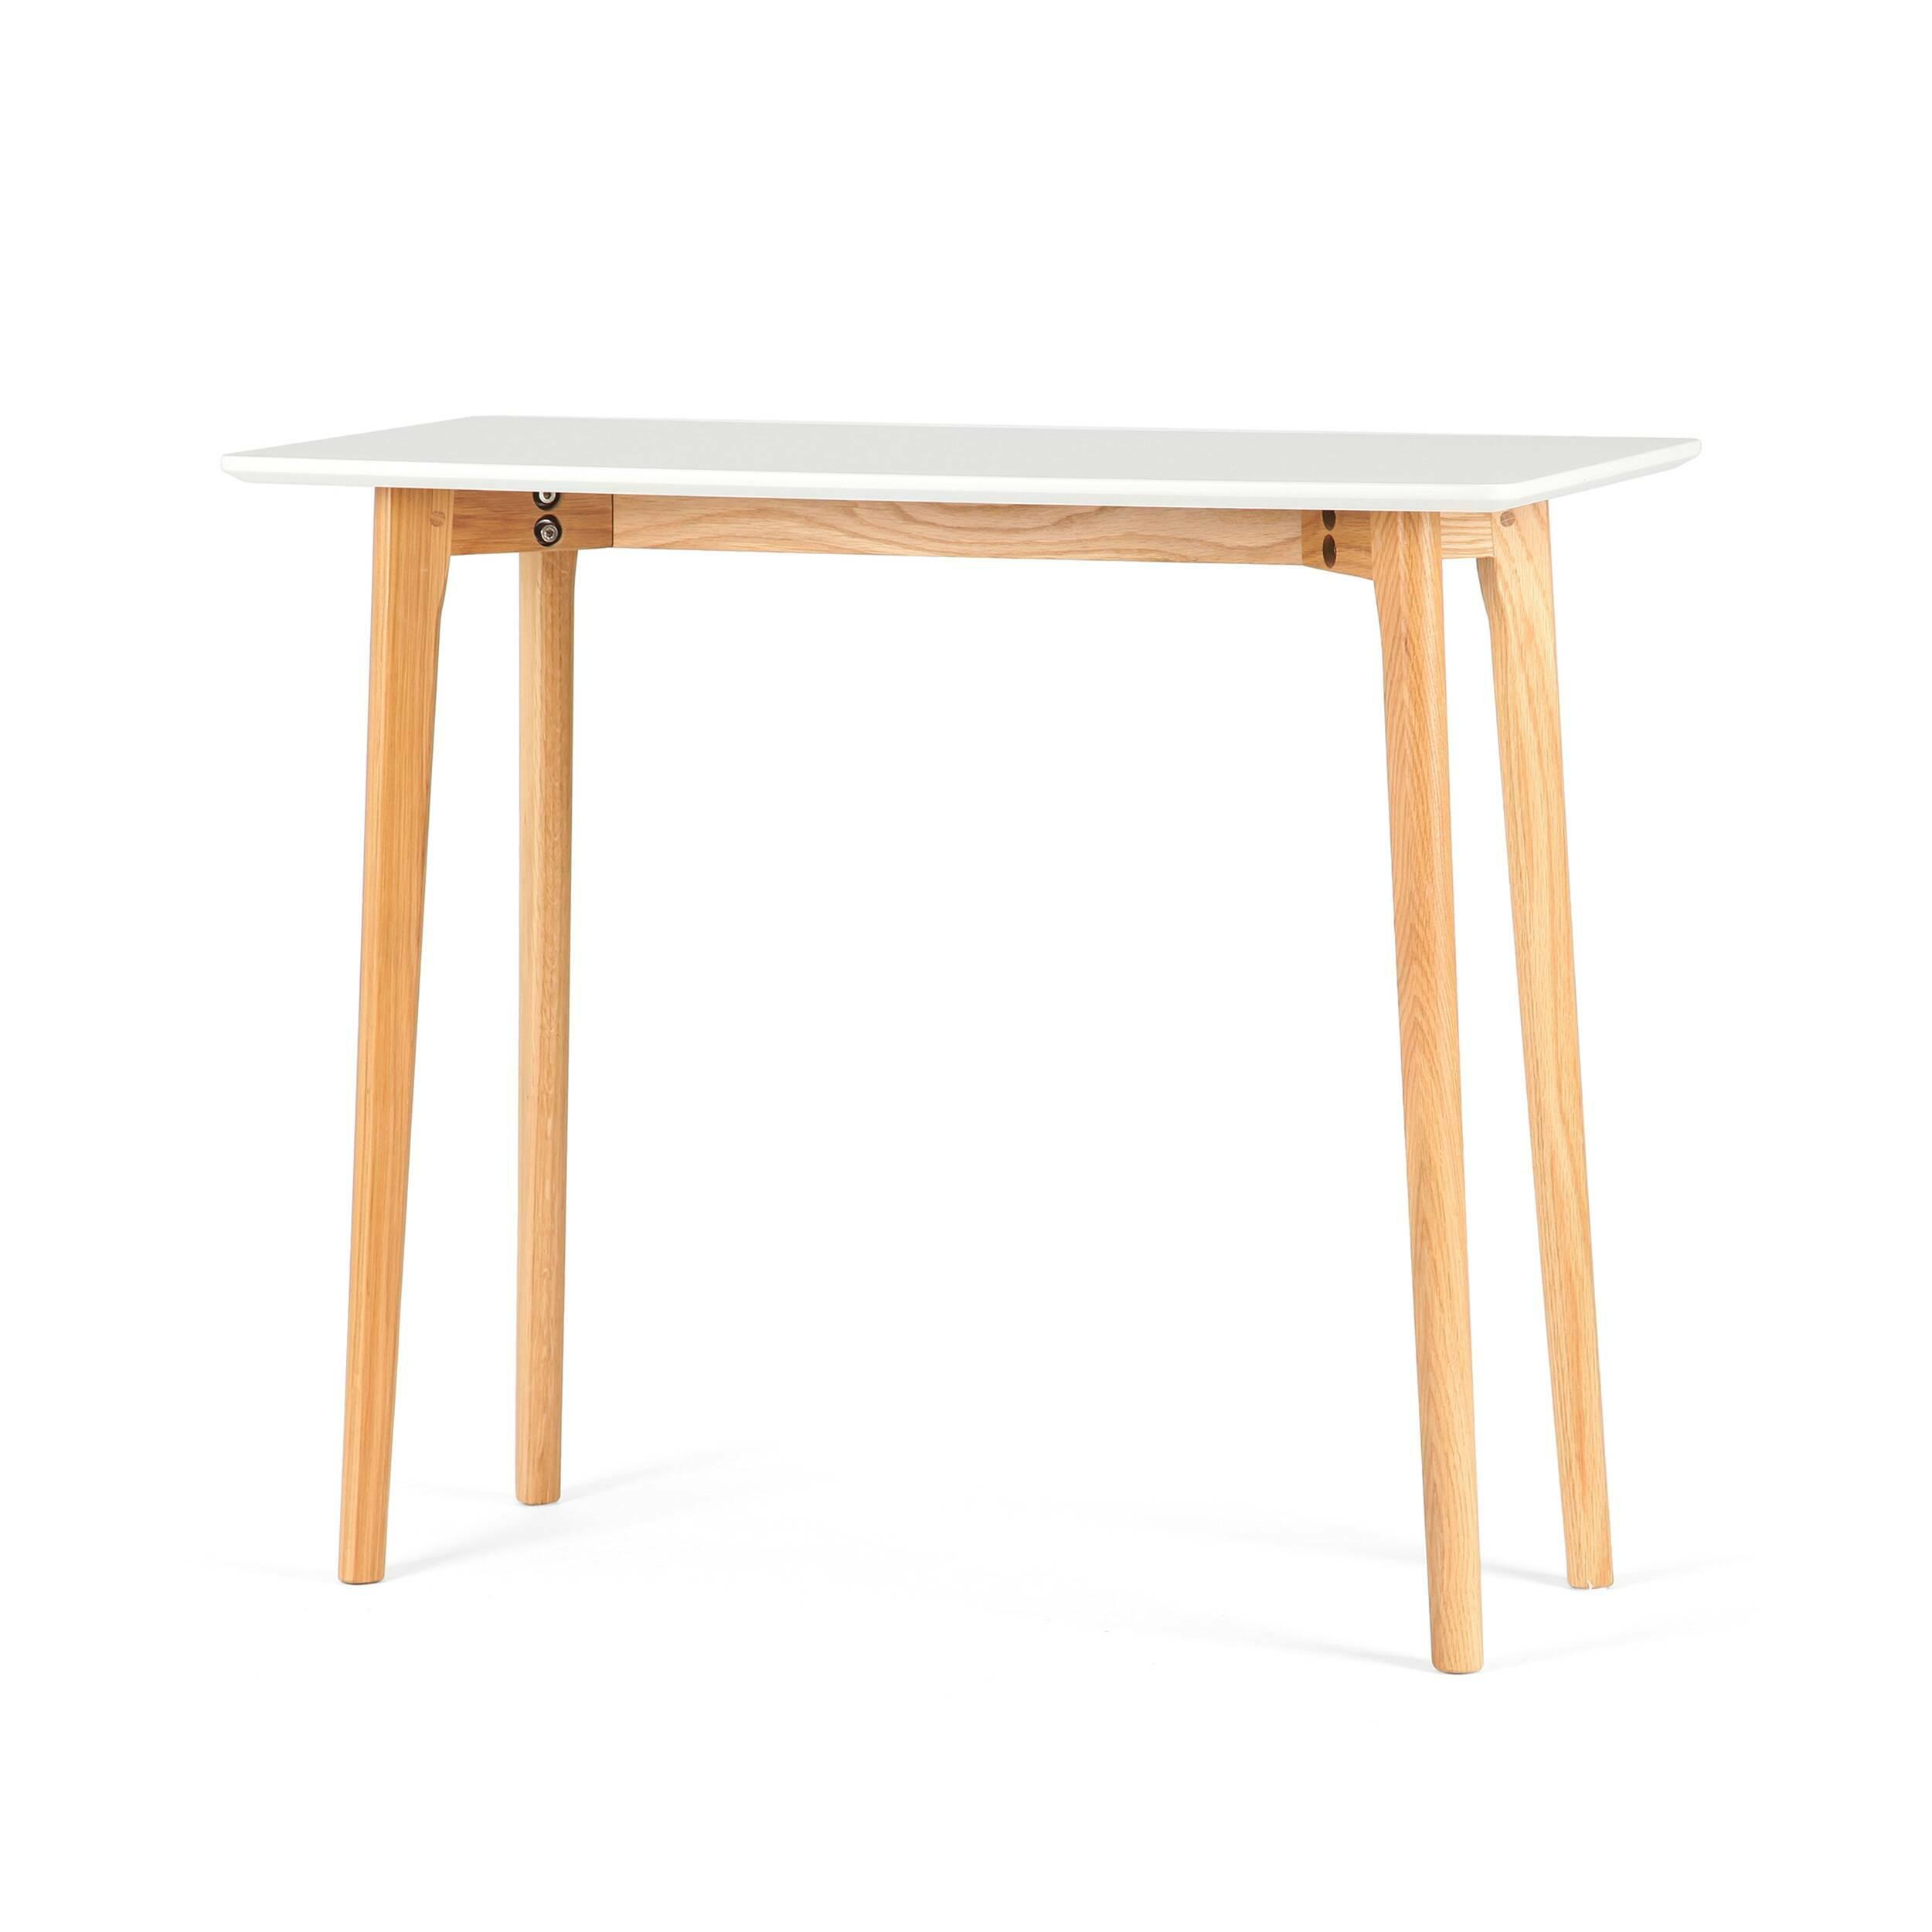 Консоль MitraКонсоли<br>Консоль – это универсальный предмет мебели, которому каждый легко найдет свое применение в быту. Консоль Mitra обладает лаконичным, простым дизайном, благодаря чему она отлично подойдет не только в качестве декоративного элемента интерьера, но и в качестве функционального. Например, на поверхность этой модели можно класть предметы, которые всегда должны быть под рукой, – телефоны, записные книжки, ключи.<br><br><br> Консоль часто играет еще и роль украшения интерьера. Дизайн данного изделия хоть...<br><br>stock: 25<br>Высота: 75<br>Ширина: 38<br>Длина: 90<br>Цвет ножек: Американский белый дуб<br>Цвет столешницы: Белый<br>Материал ножек: Массив дуба<br>Тип материала столешницы: МДФ